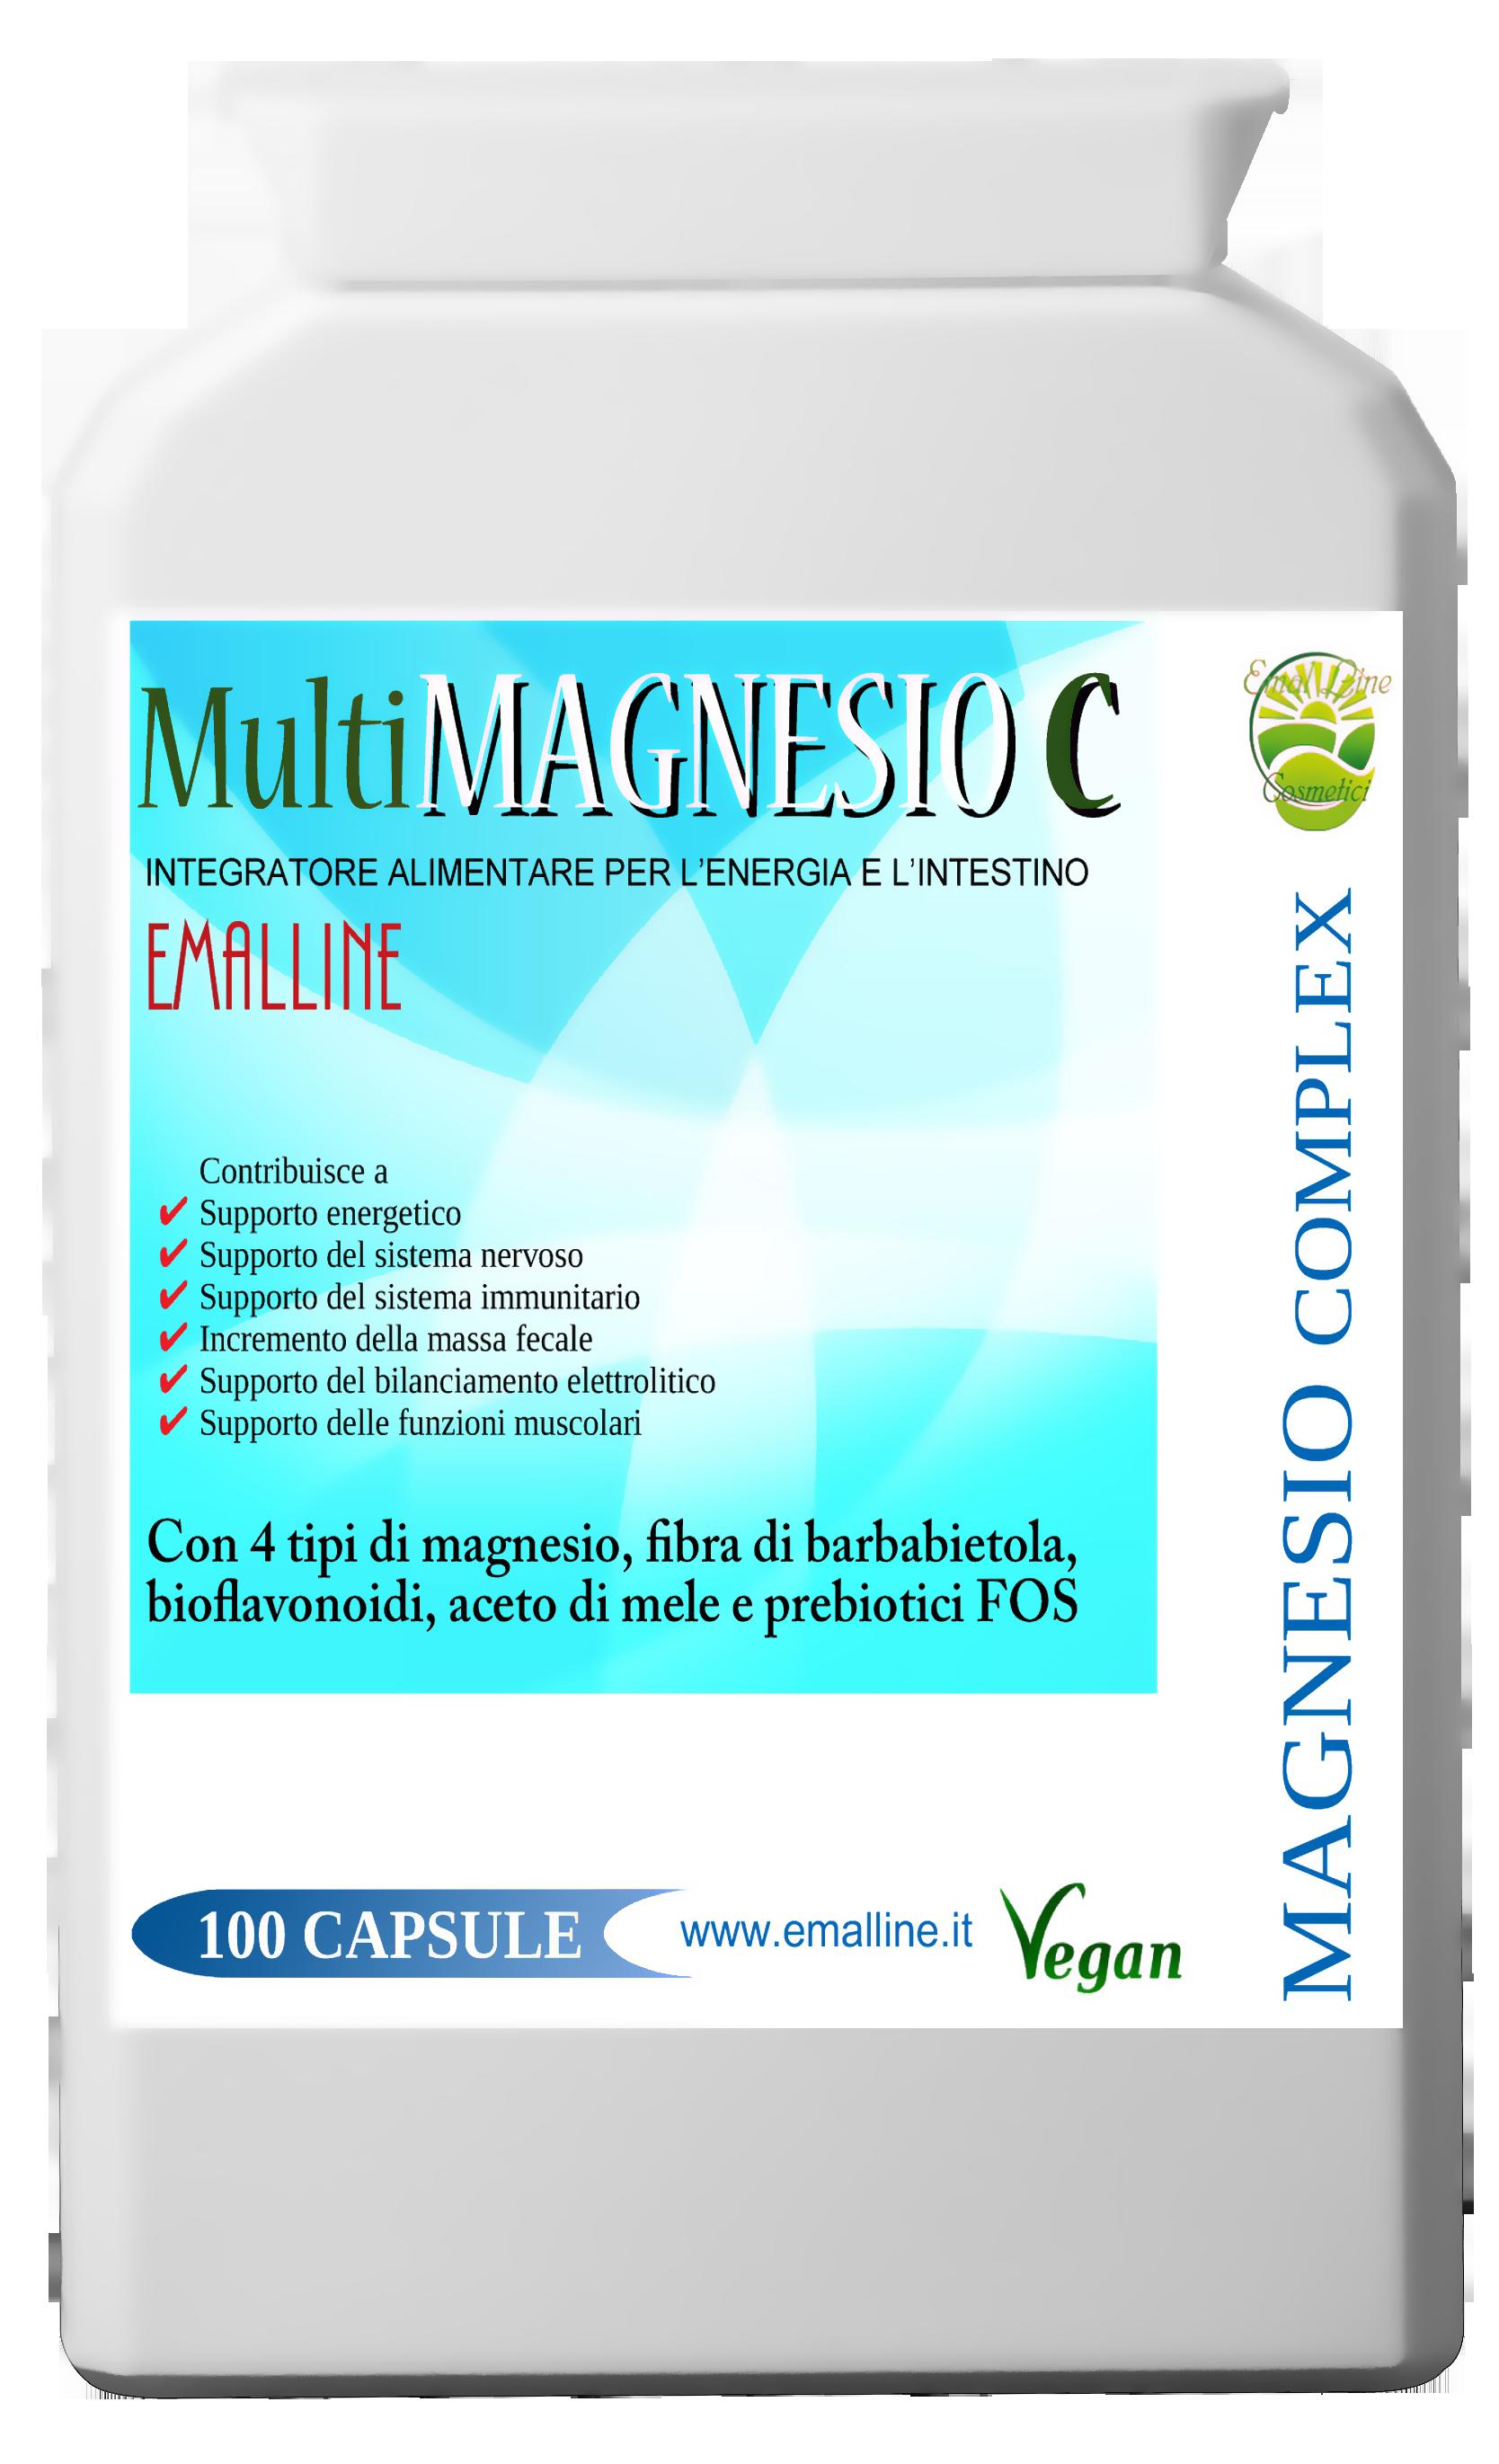 MultiMagnesio C. Funzione intestinale e affaticamento 100 capsule